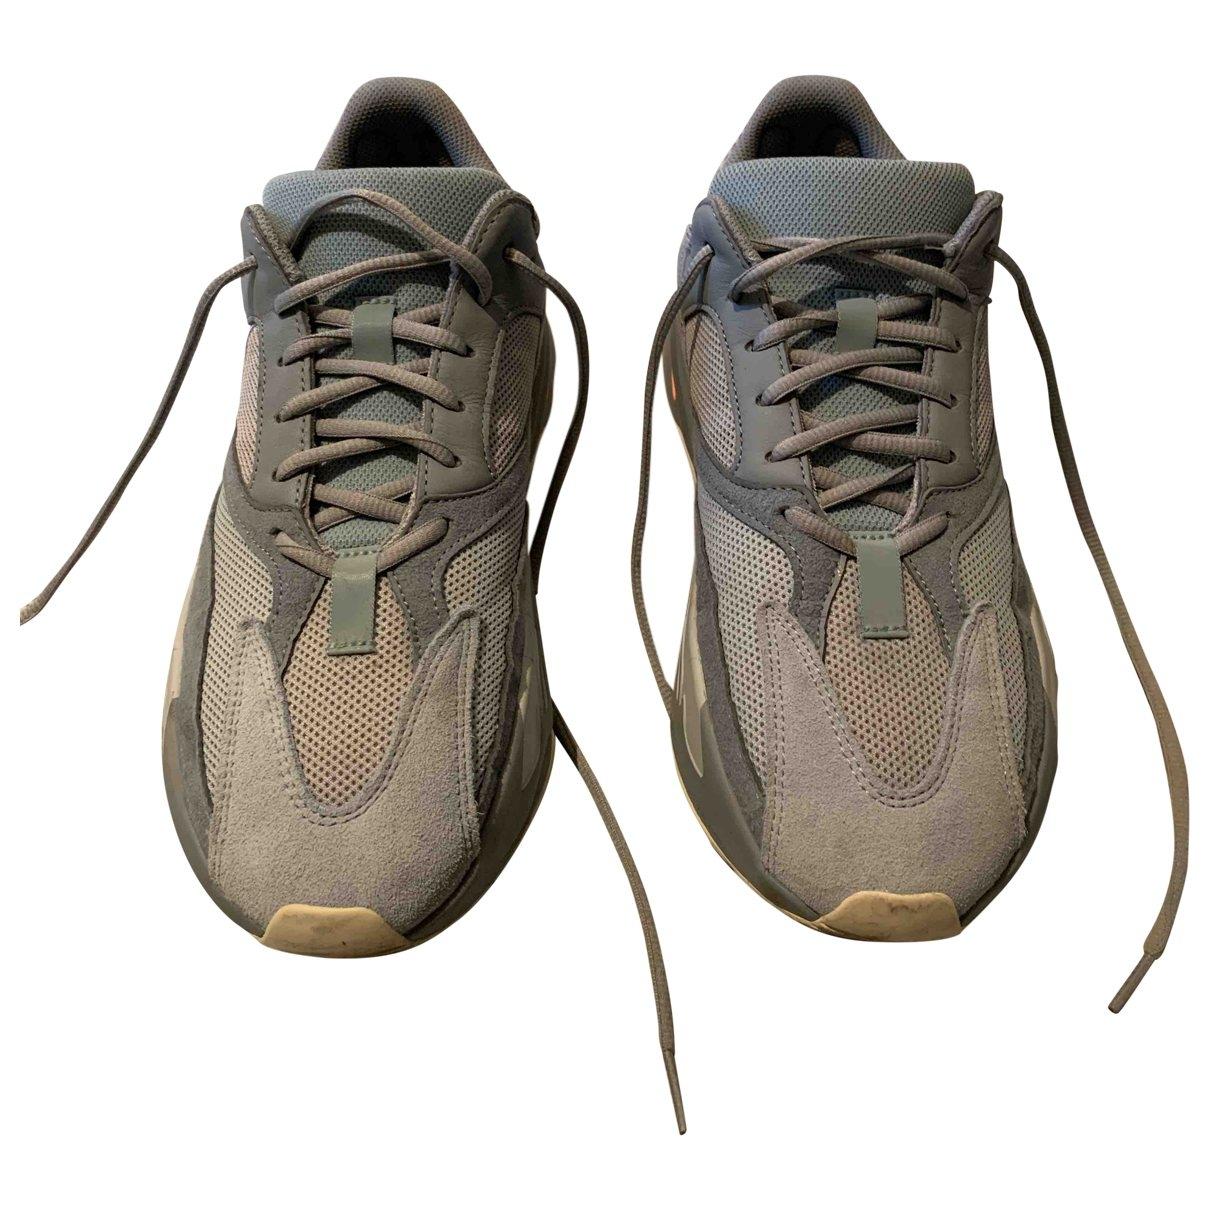 Yeezy X Adidas - Baskets Boost 700 V1  pour homme en cuir - gris